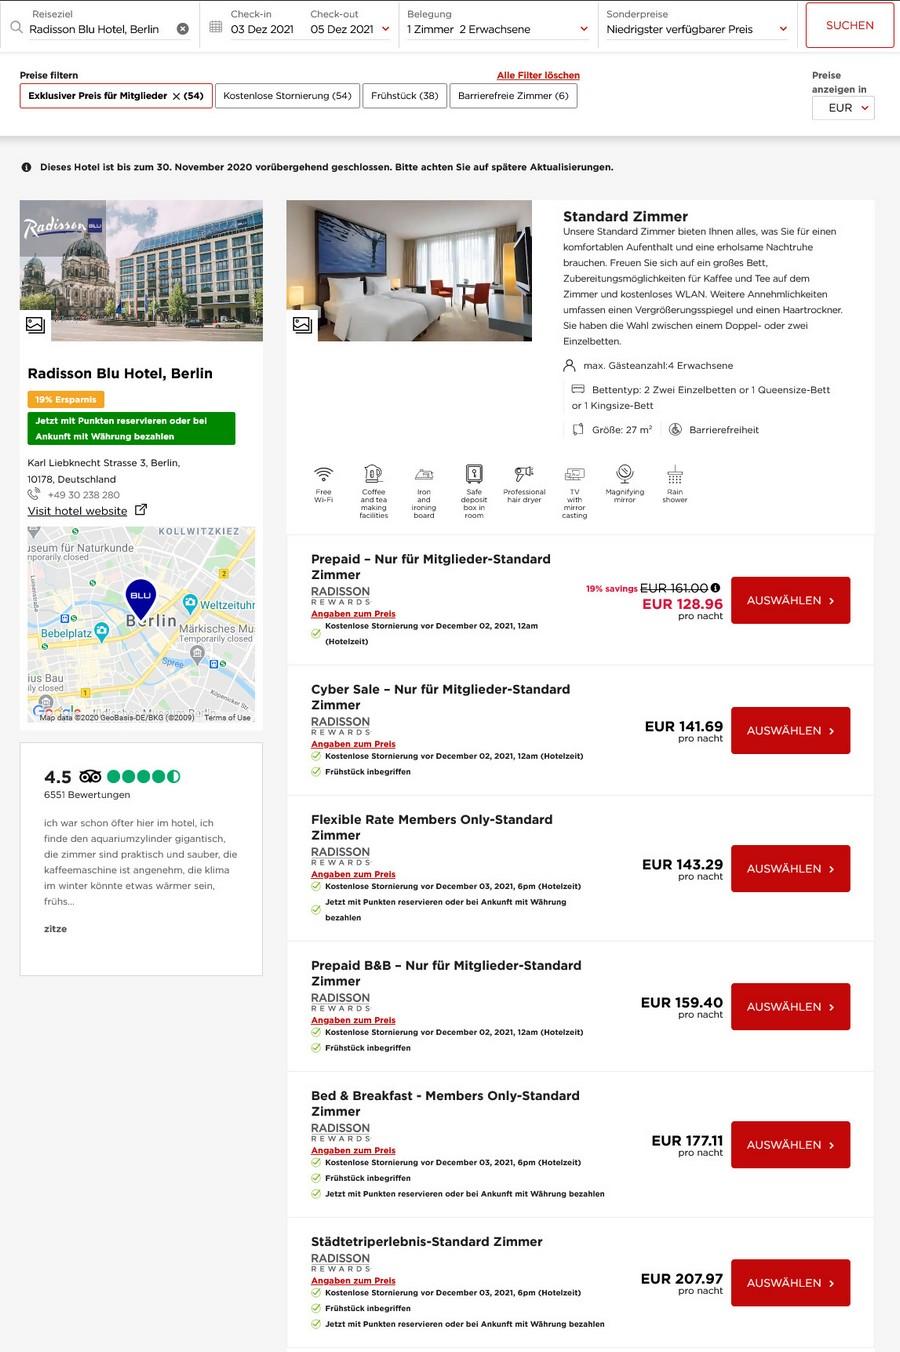 Preisbeispiel Radisson Blu Berlin - Vergleich aller Zimmer